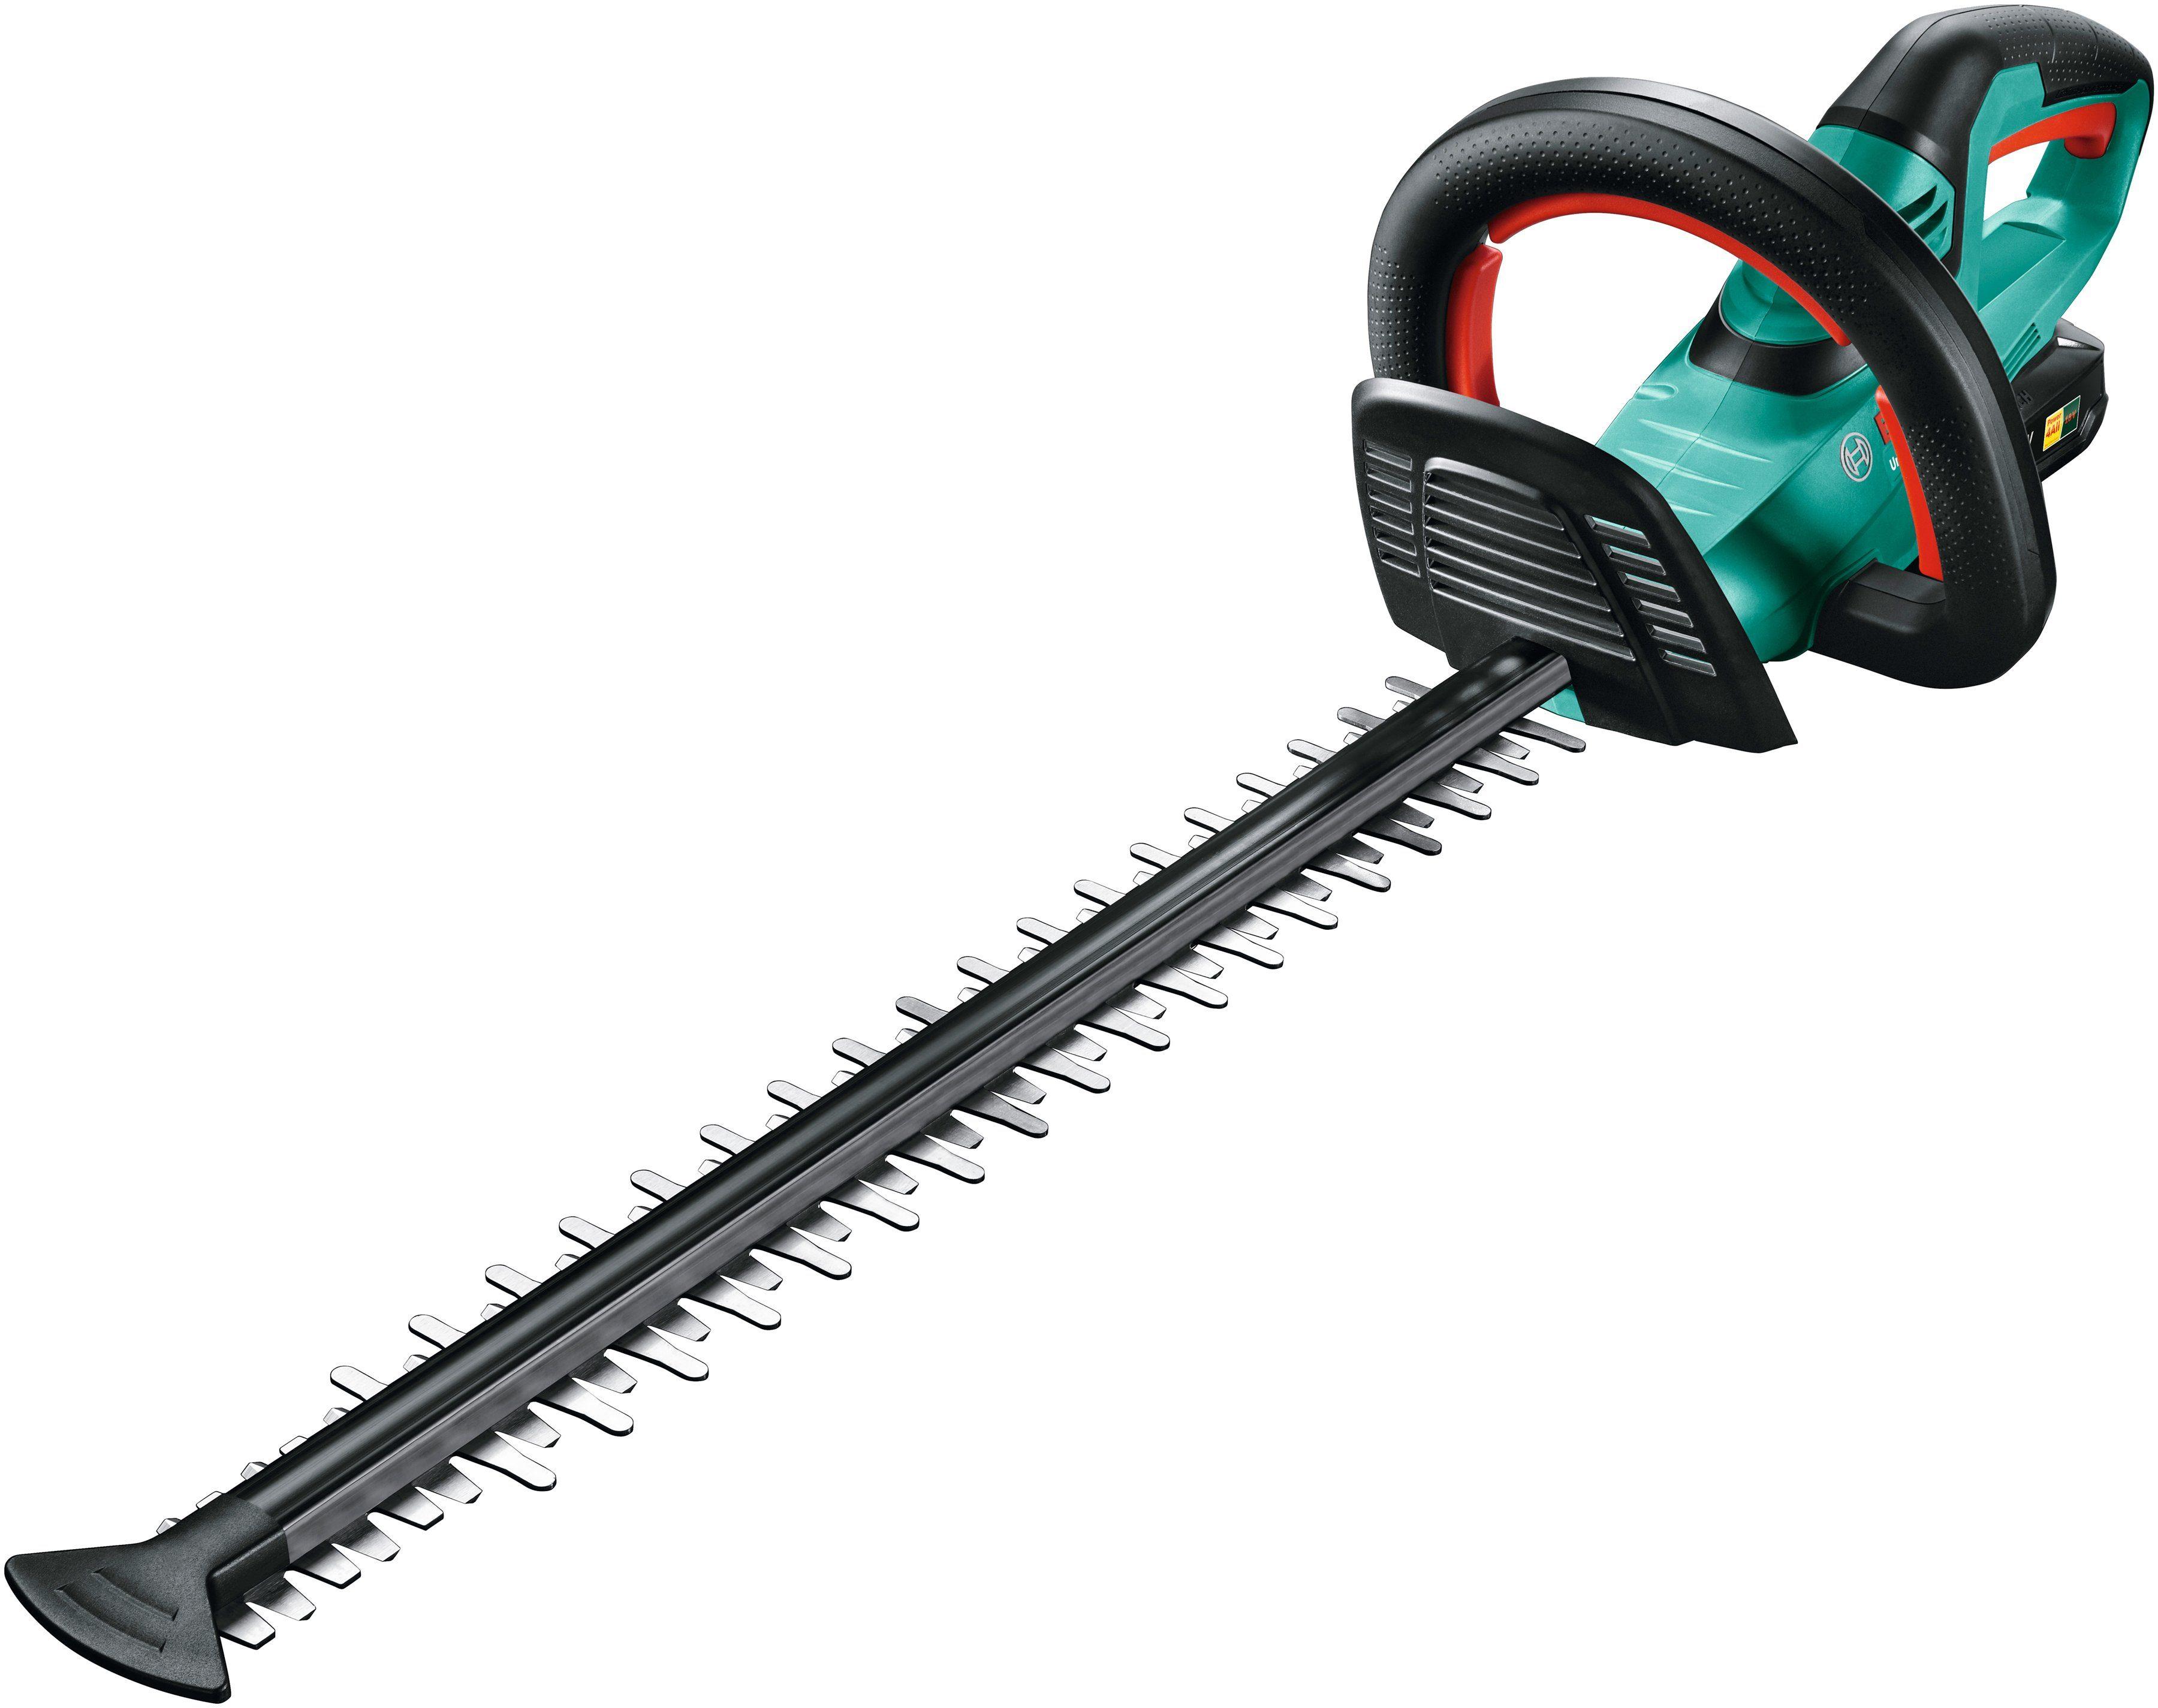 BOSCH Akku-Heckenschere »AHS 50-20 LI«, 50 cm Schnittlänge